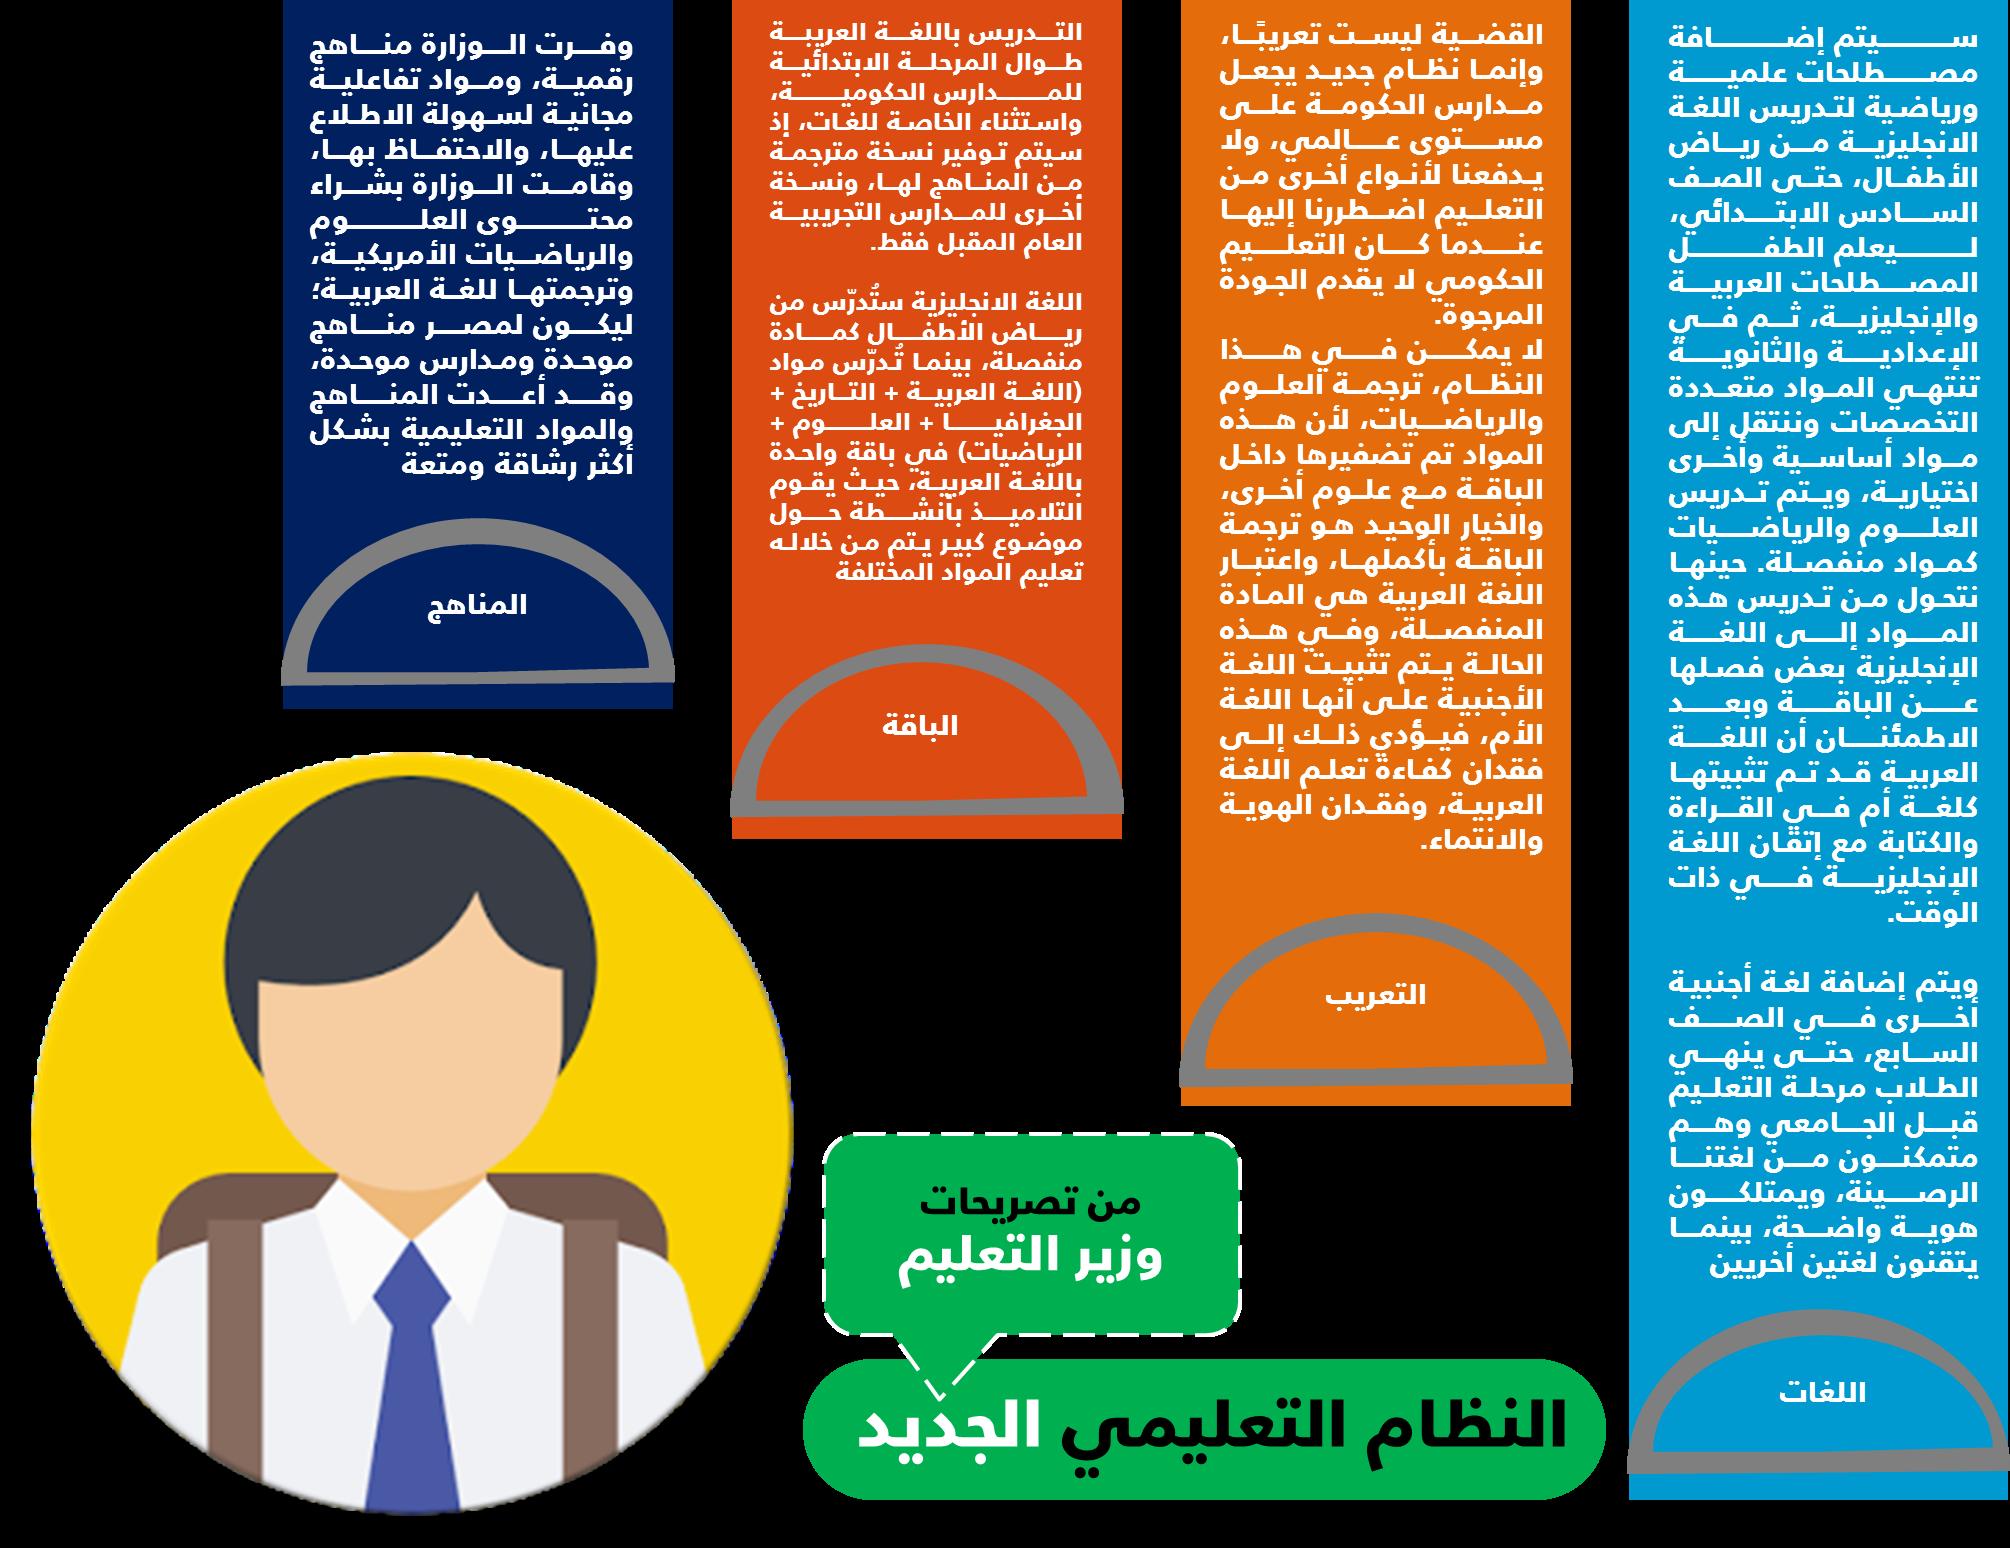 تصريحات وزير التعليم حول النظام الجديد 2